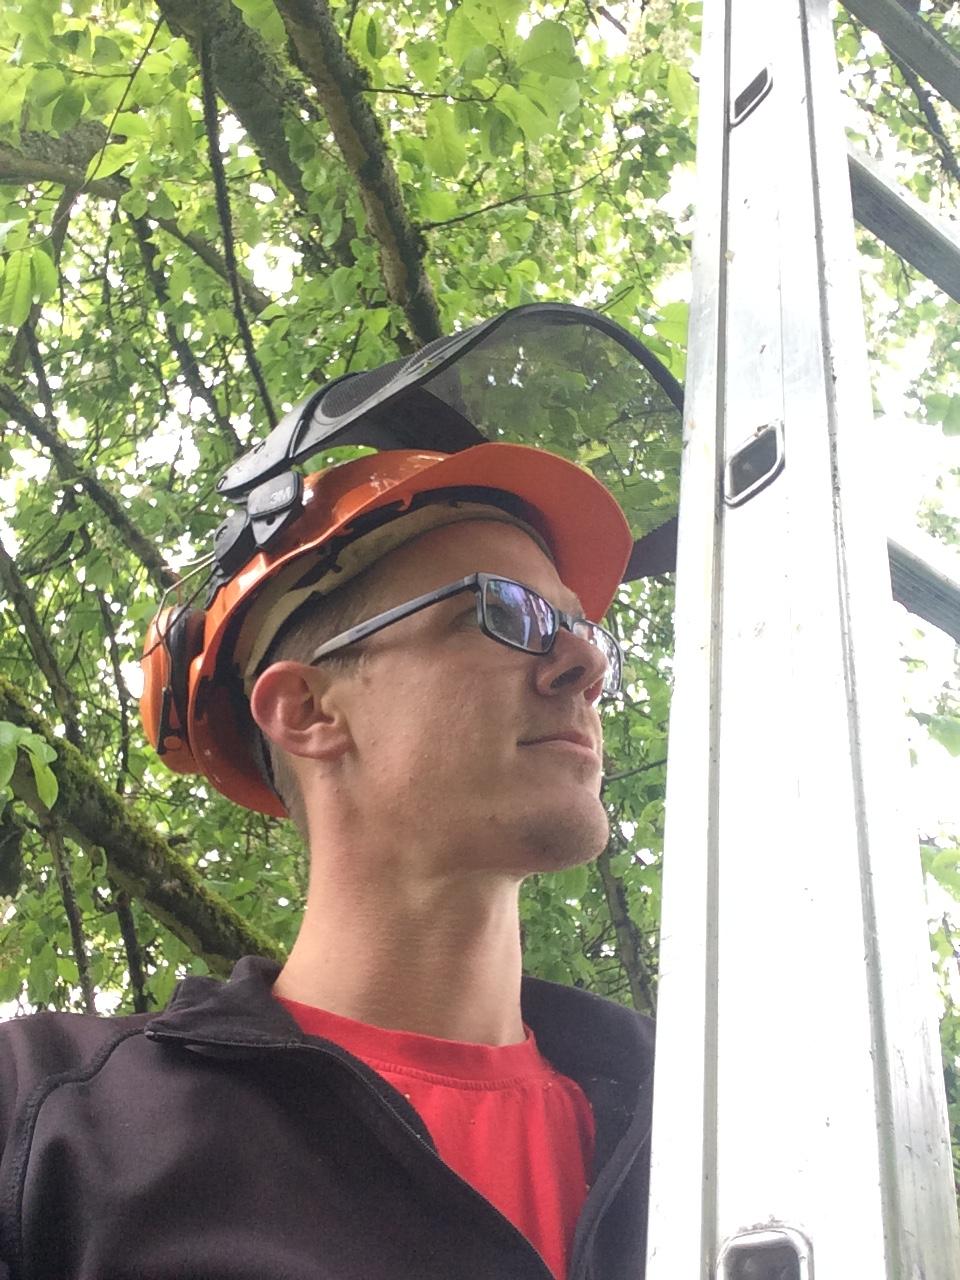 Auf der Leiter im Baum